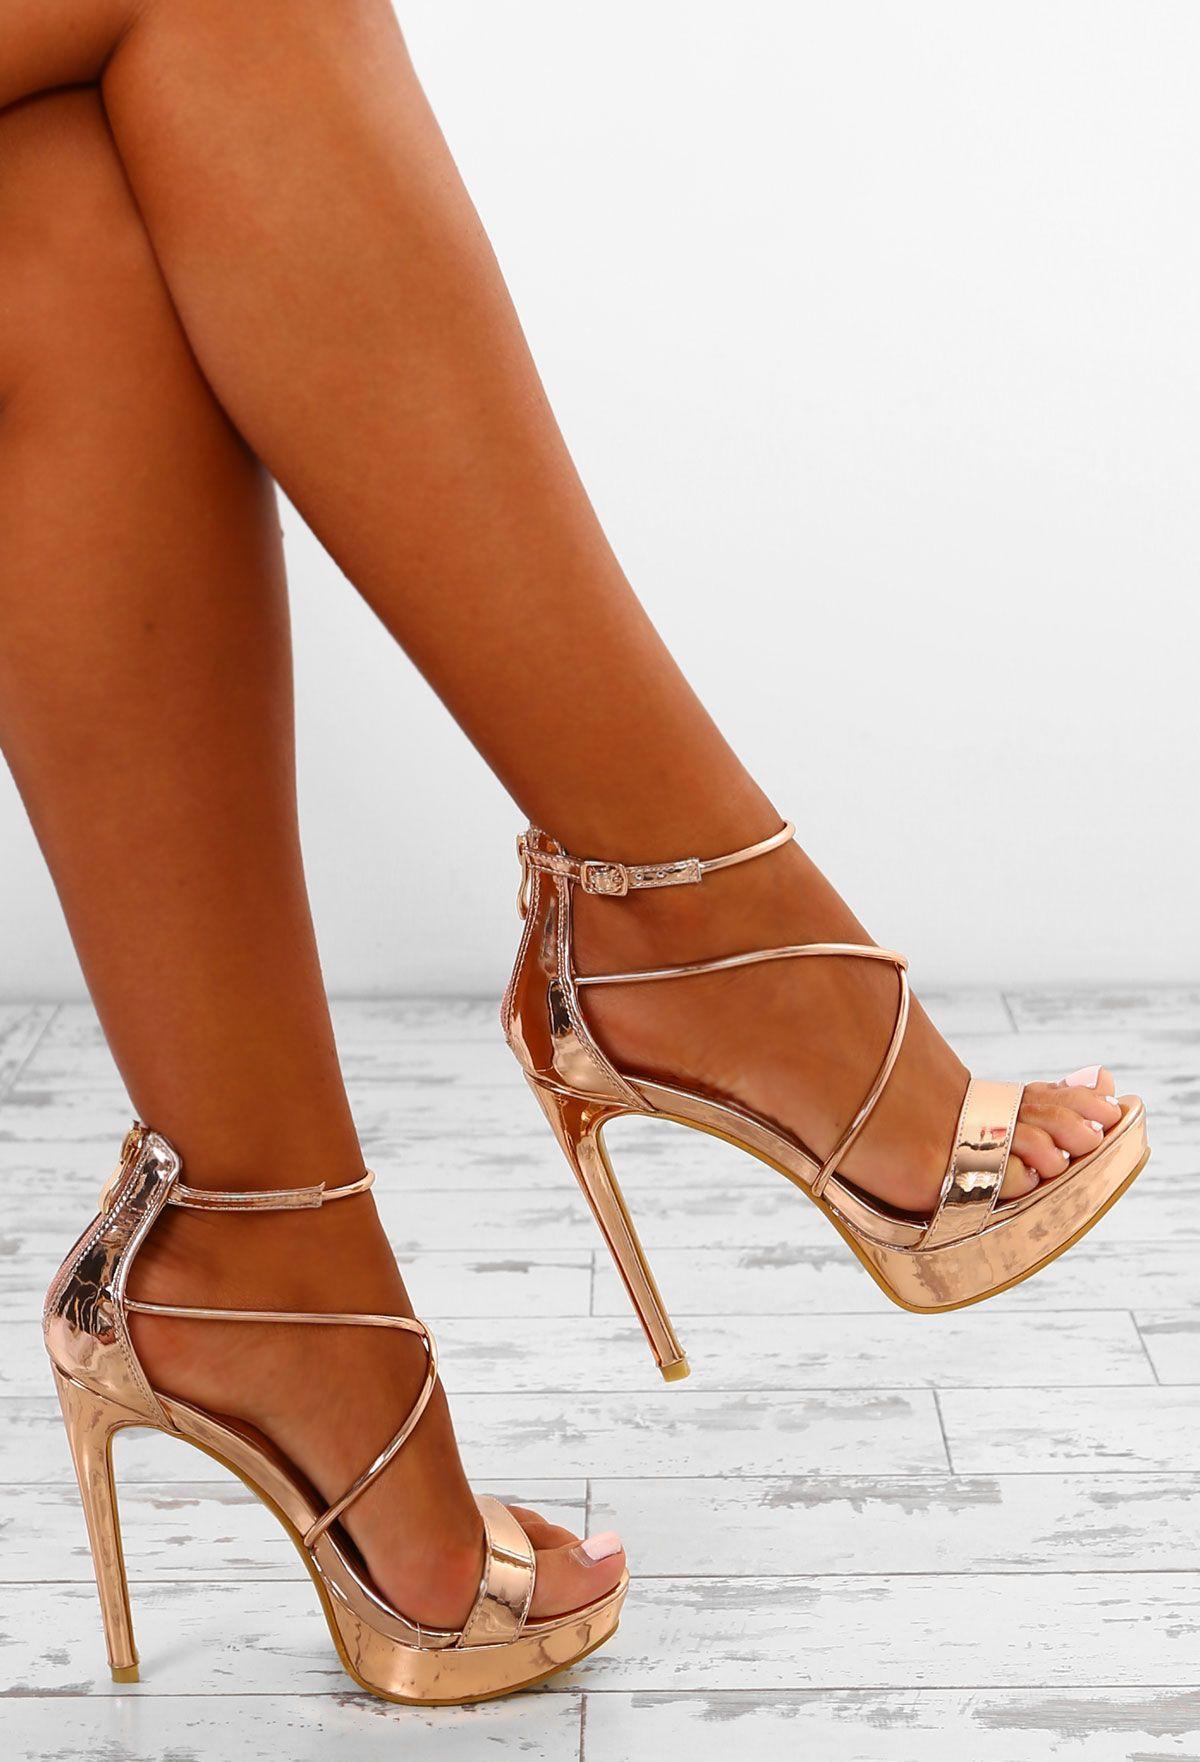 Sandals heels, Heels, Women shoes